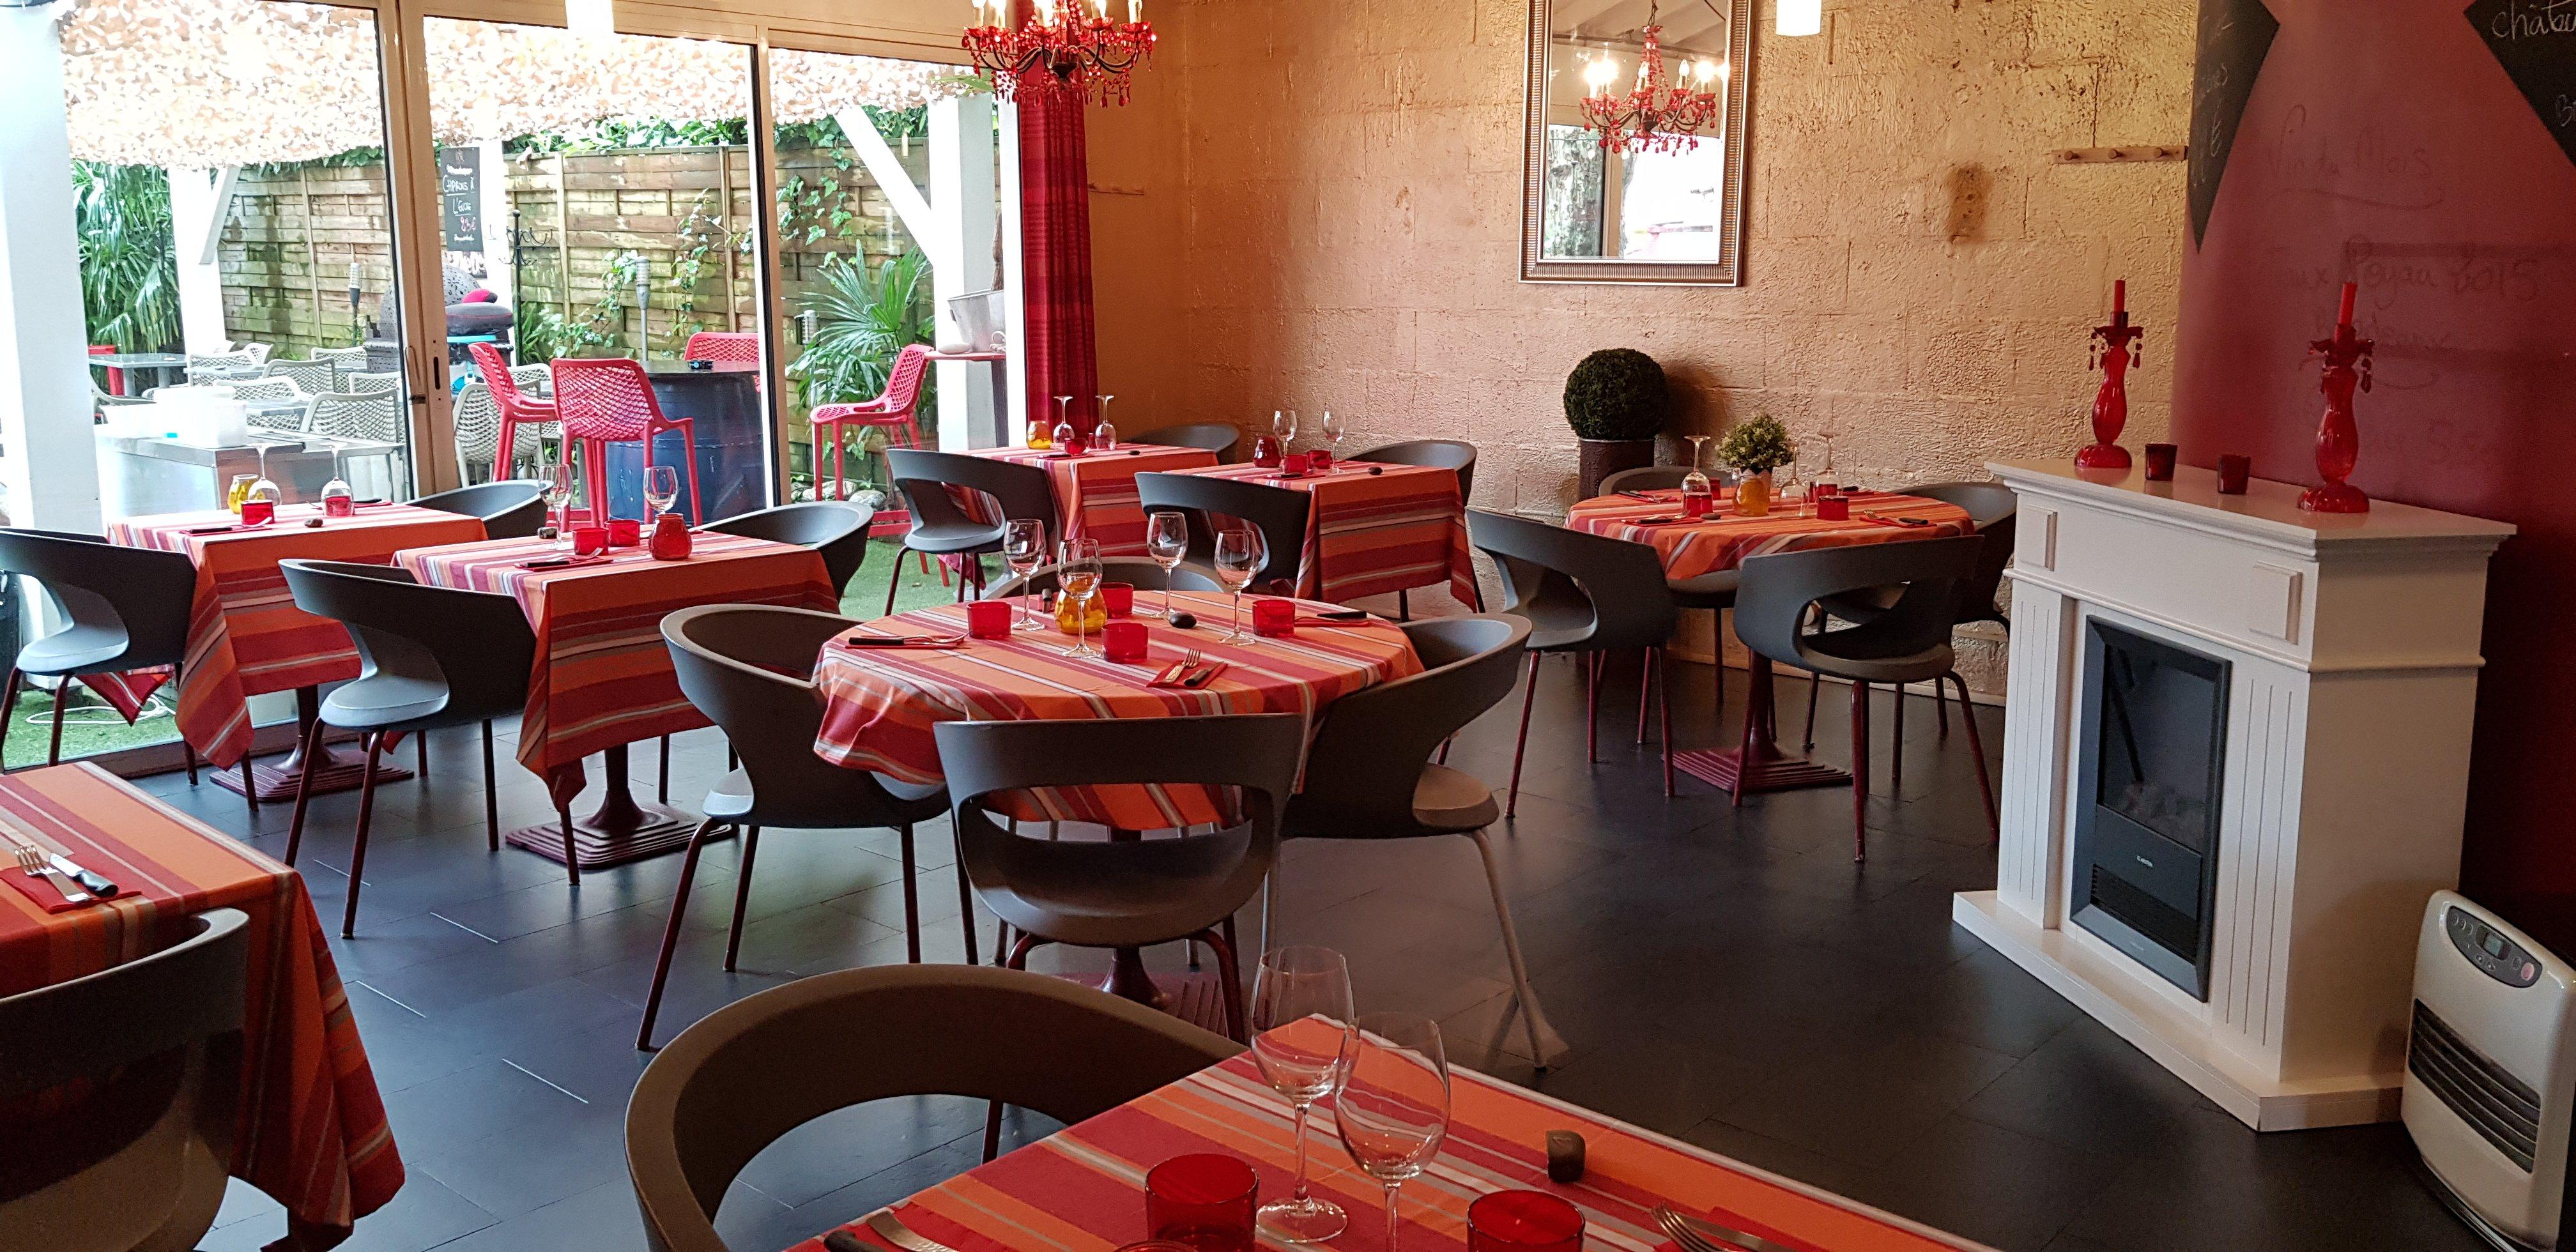 Best Bar food near Ascain, France